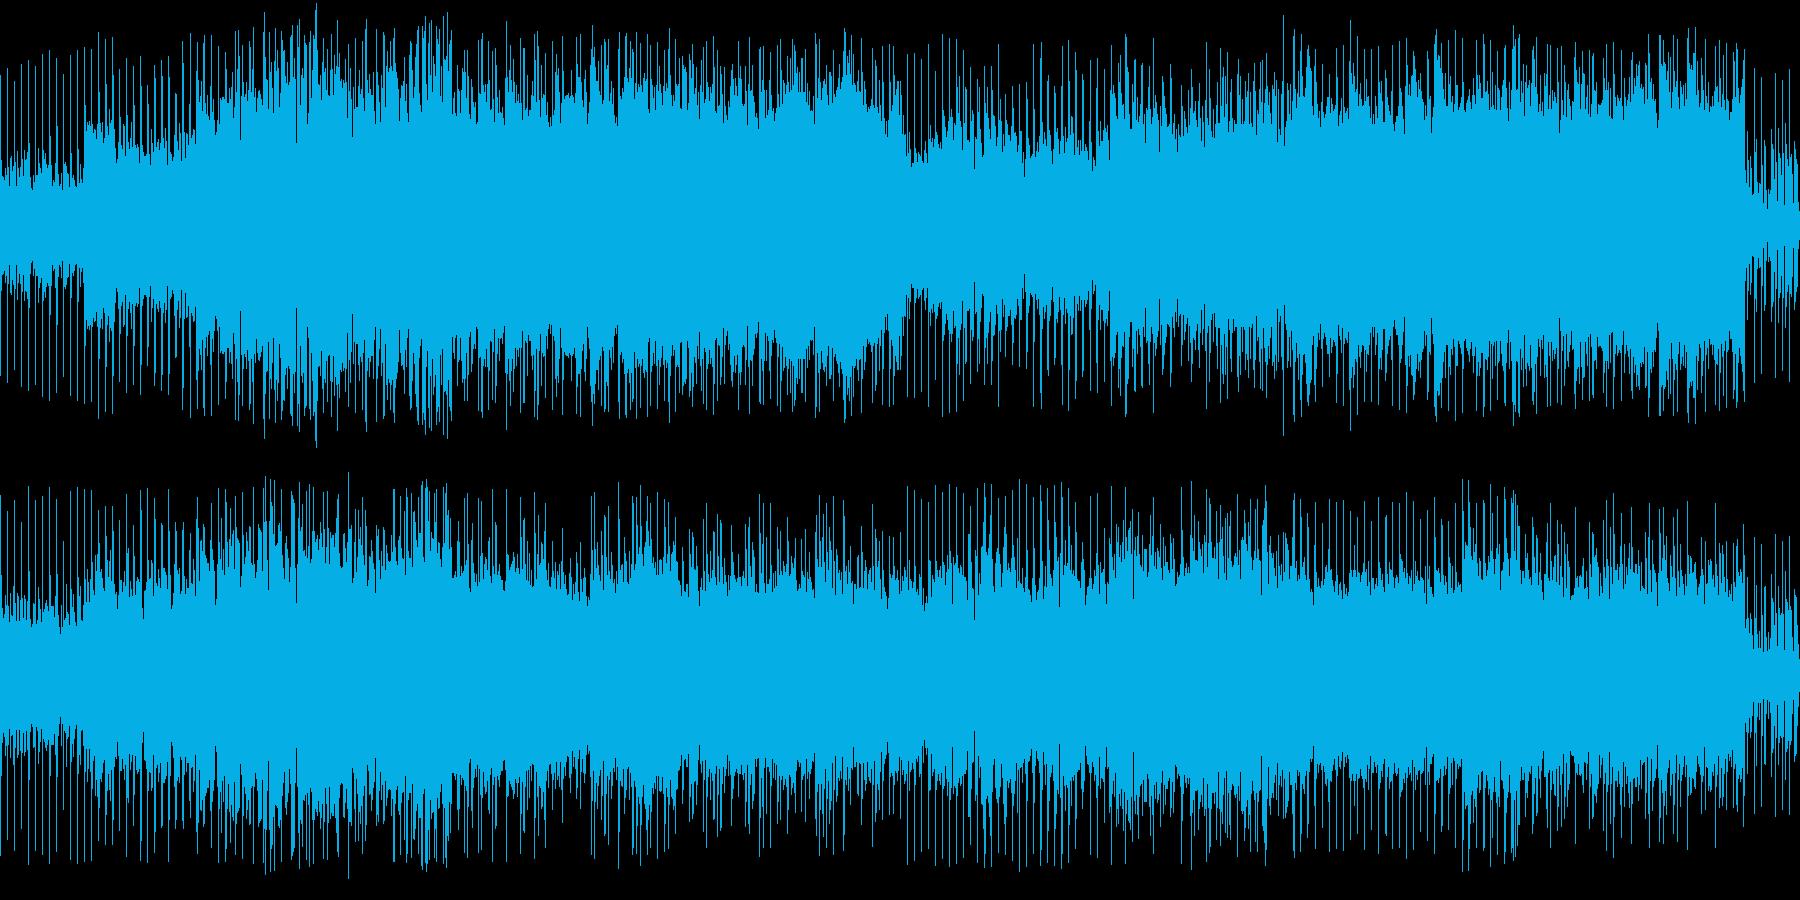 ポップロック①爽快感/浮遊感【ループ】の再生済みの波形